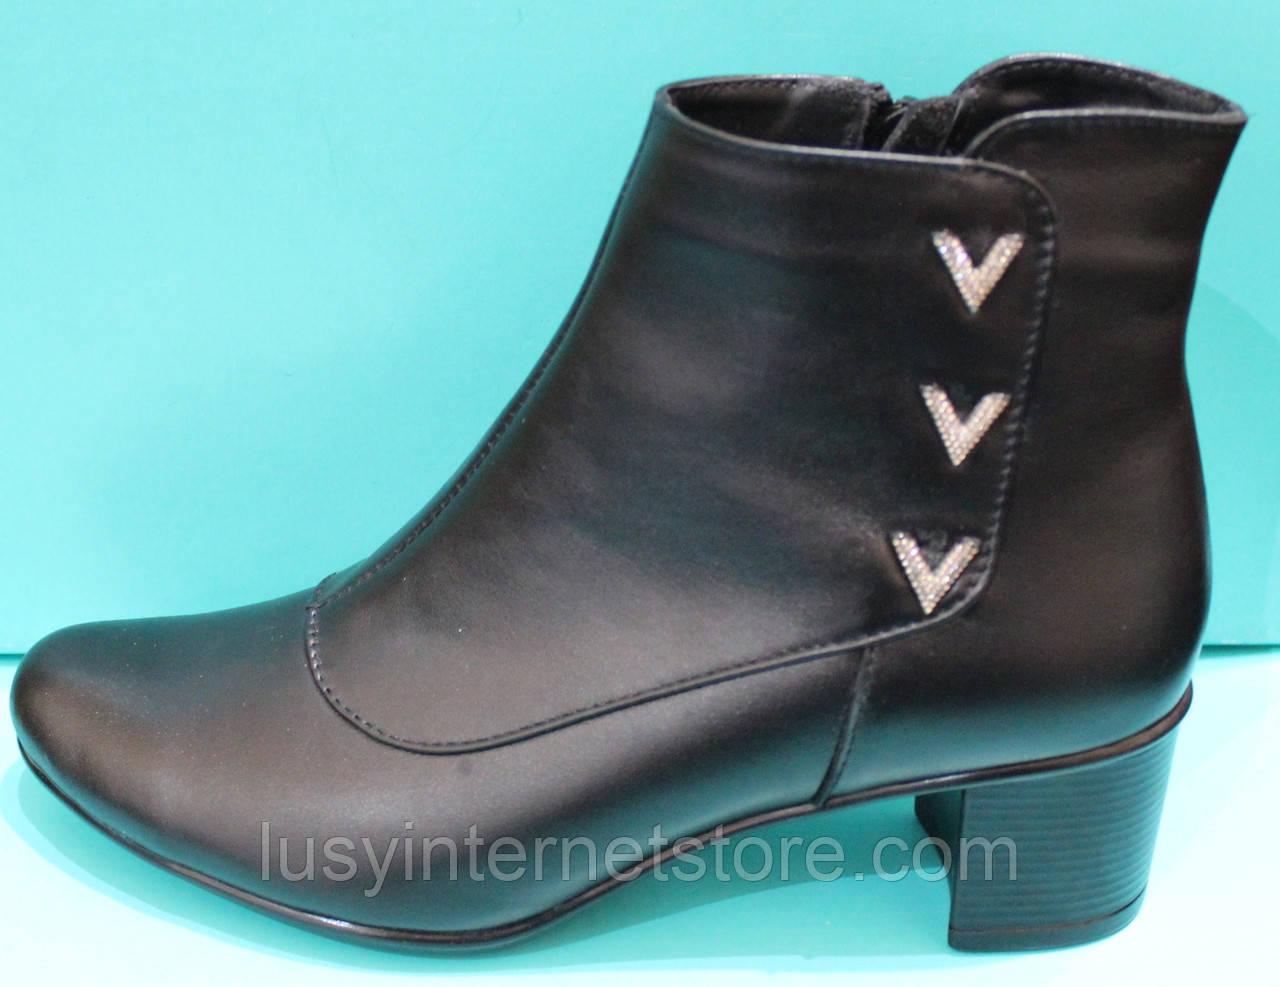 Ботинки женские демисезонные на каблуке от производителя модель КС13К